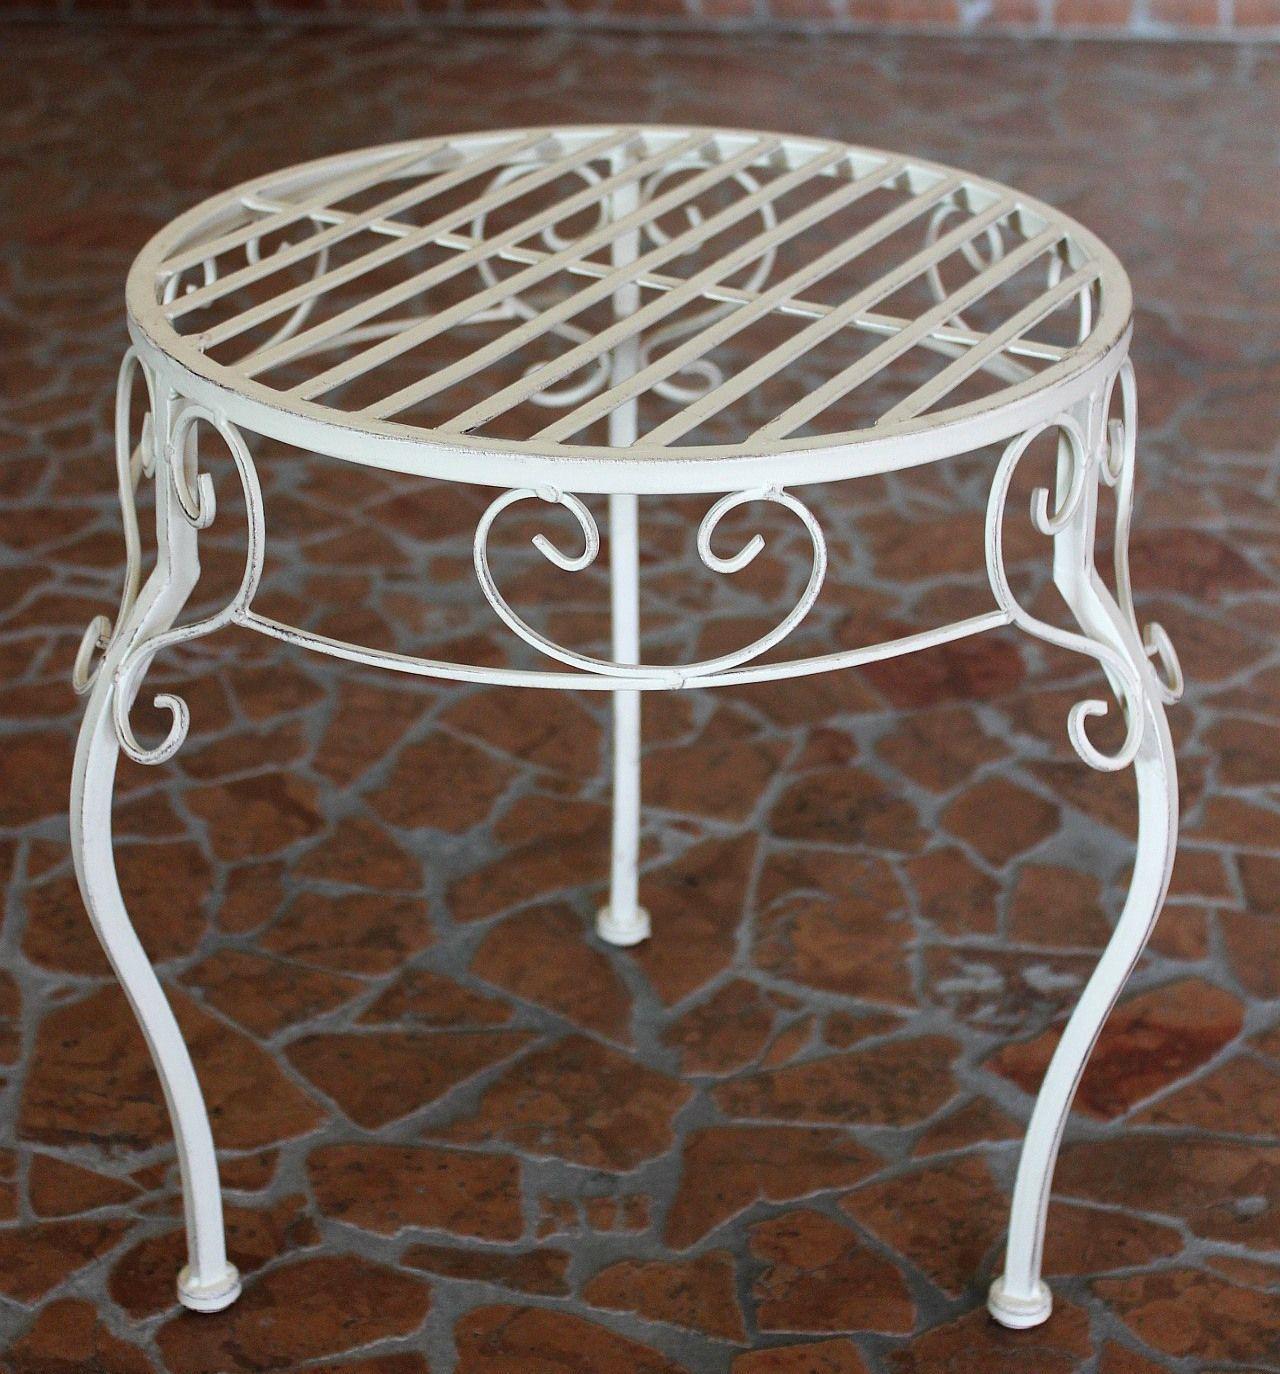 blumenhocker romance rund 25 35cm blumenst nder 20218. Black Bedroom Furniture Sets. Home Design Ideas